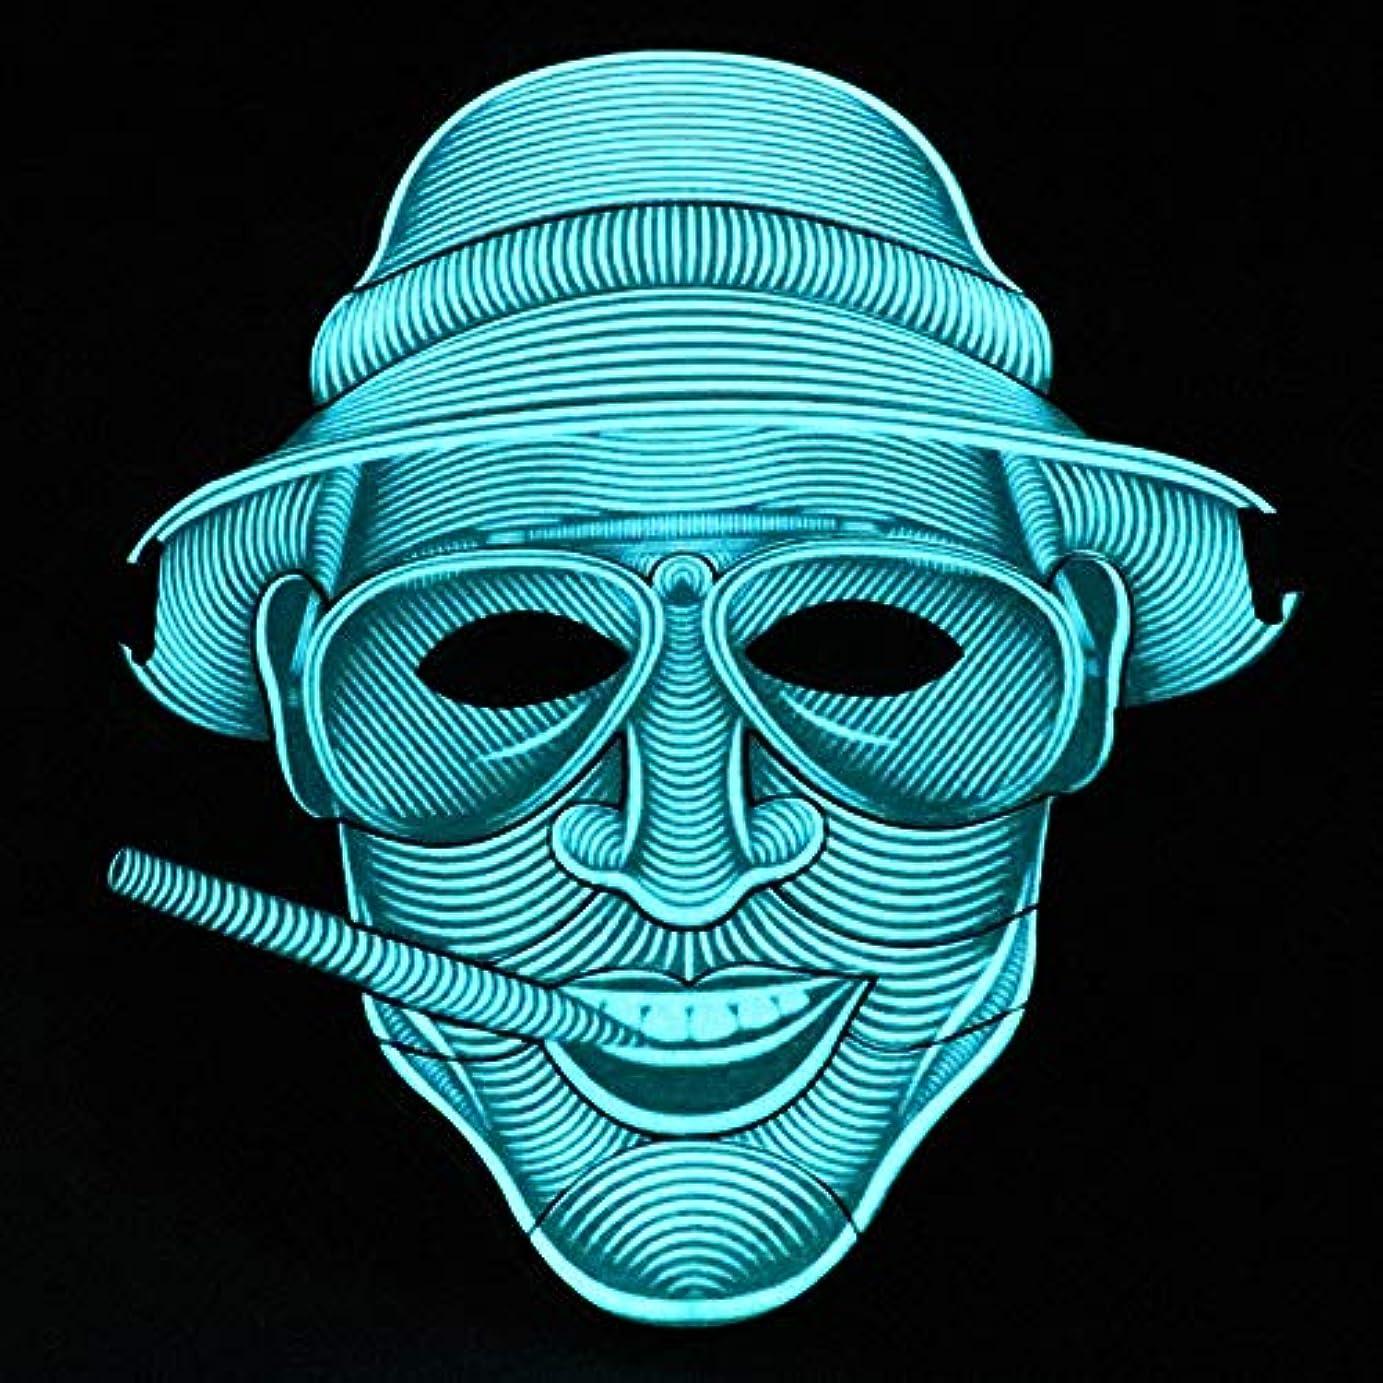 ジャンプする形式交通照らされたマスクLED創造的な冷光音響制御マスクハロウィンバーフェスティバルダンスマスク (Color : #3)